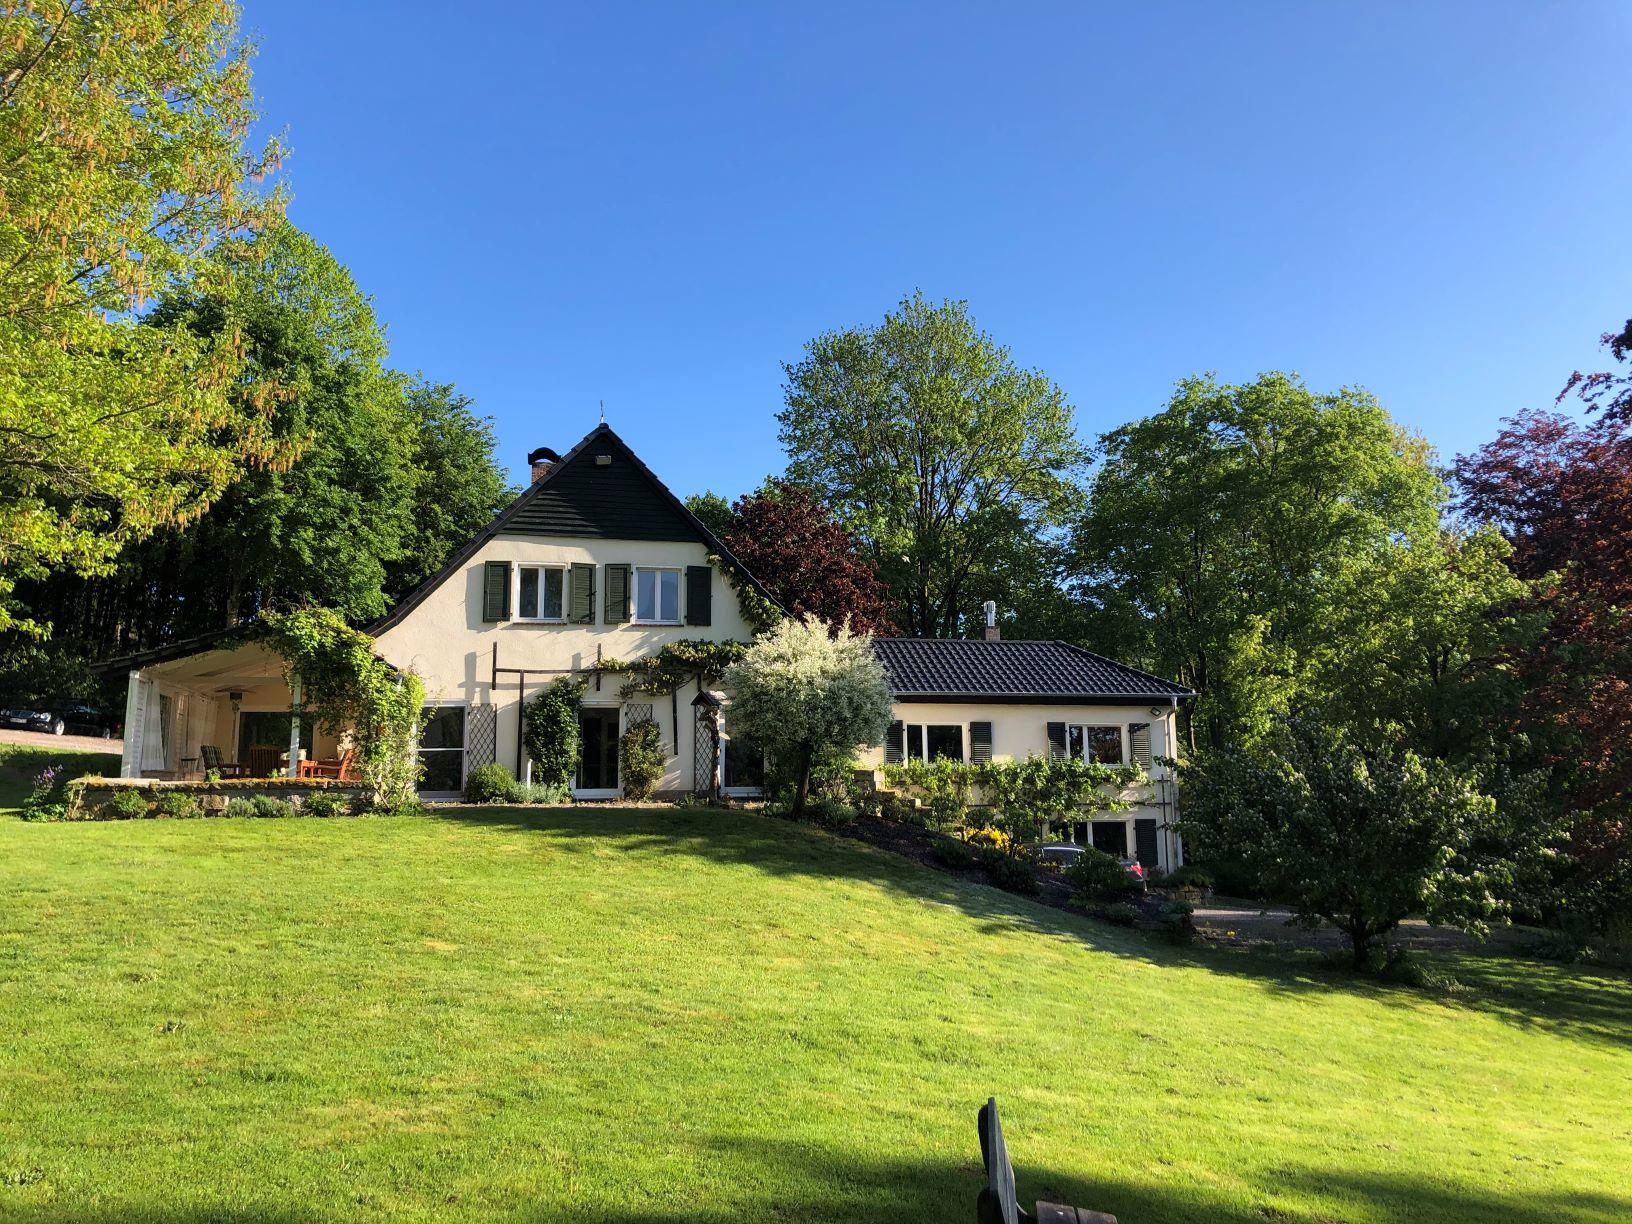 Forsthaus 1 im Sommer